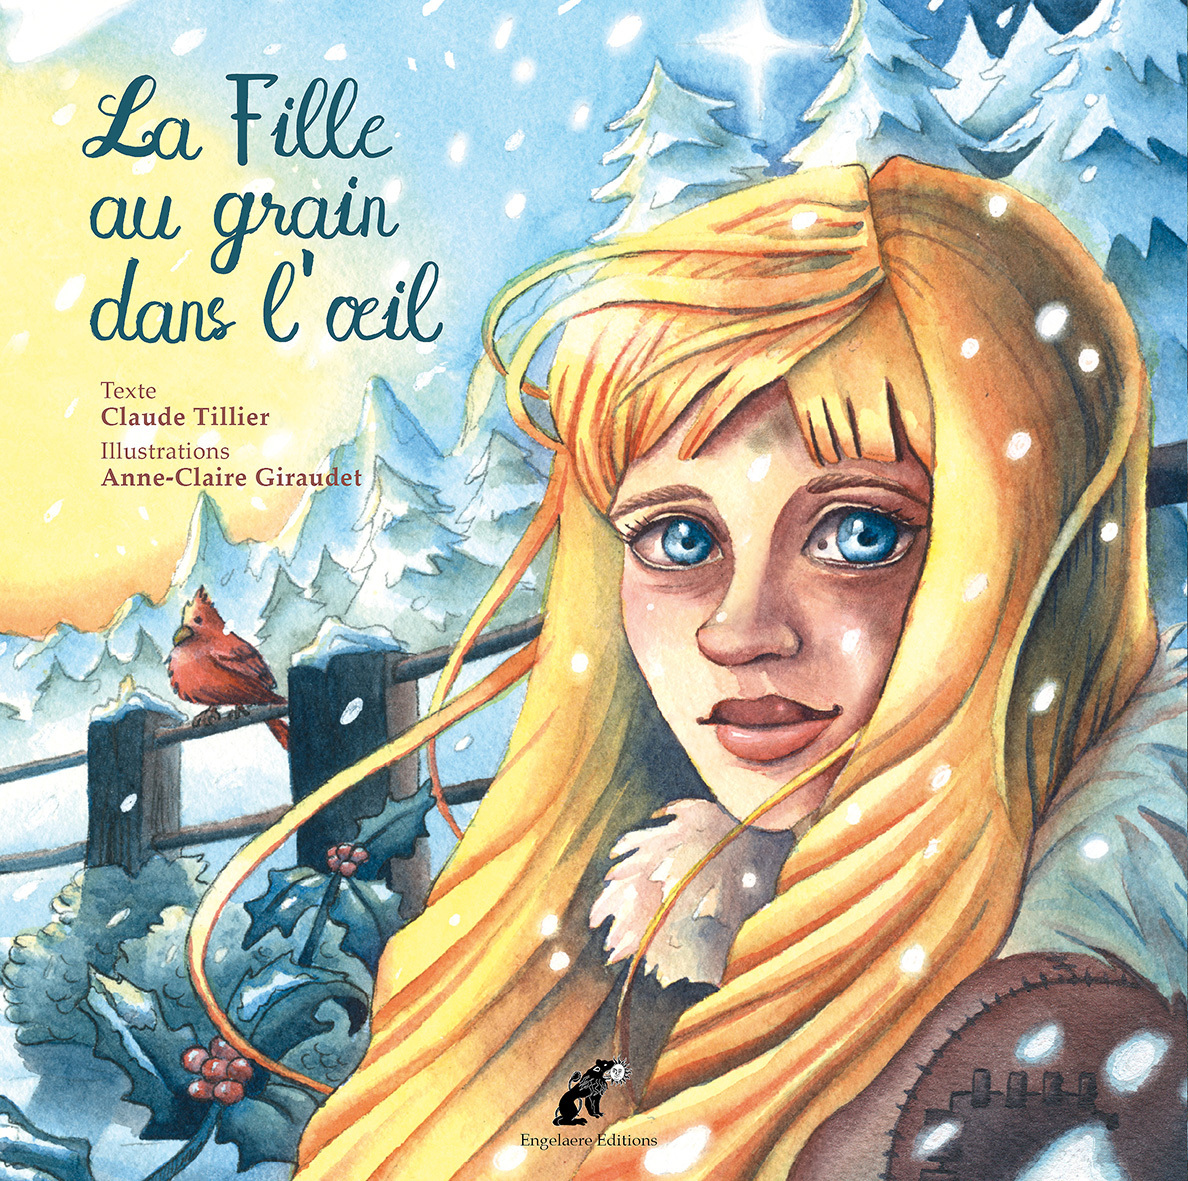 LA FILLE AU GRAIN DANS L'OEIL